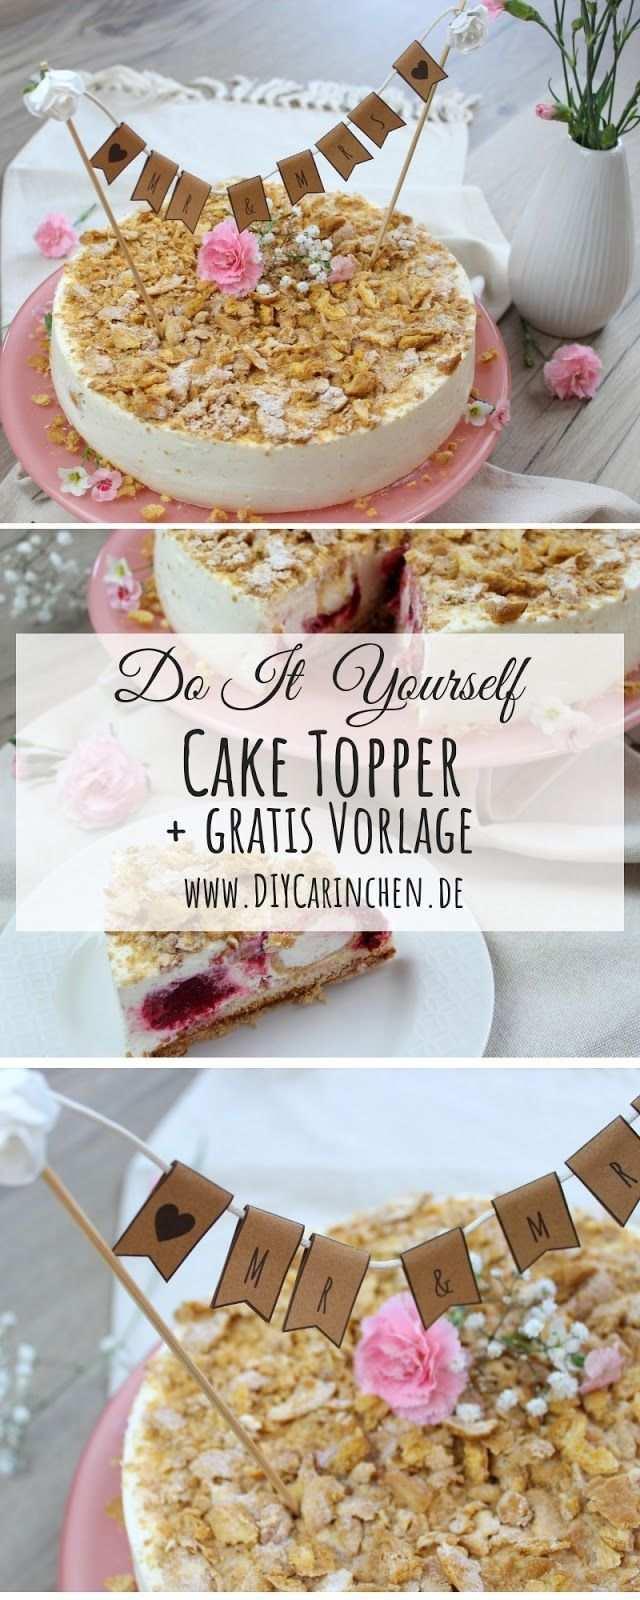 Diy 3 Cake Topper Fur Die Hochzeitstorte Ganz Einfach Selber Machen Gunstige Hochzeitstorte Hochzeitstorte Selber Machen Hochzeitstorte